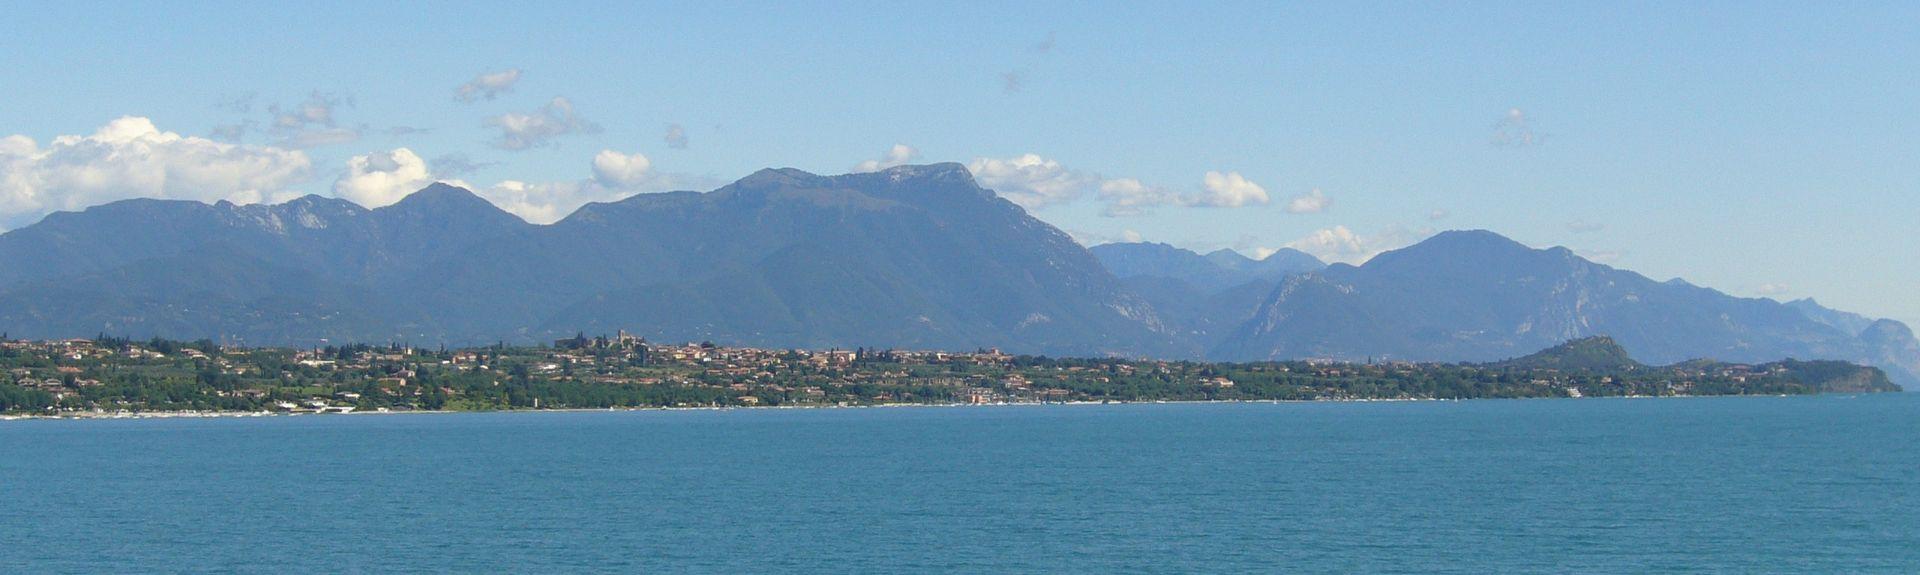 Puegnago del Garda, Lombardy, Italy